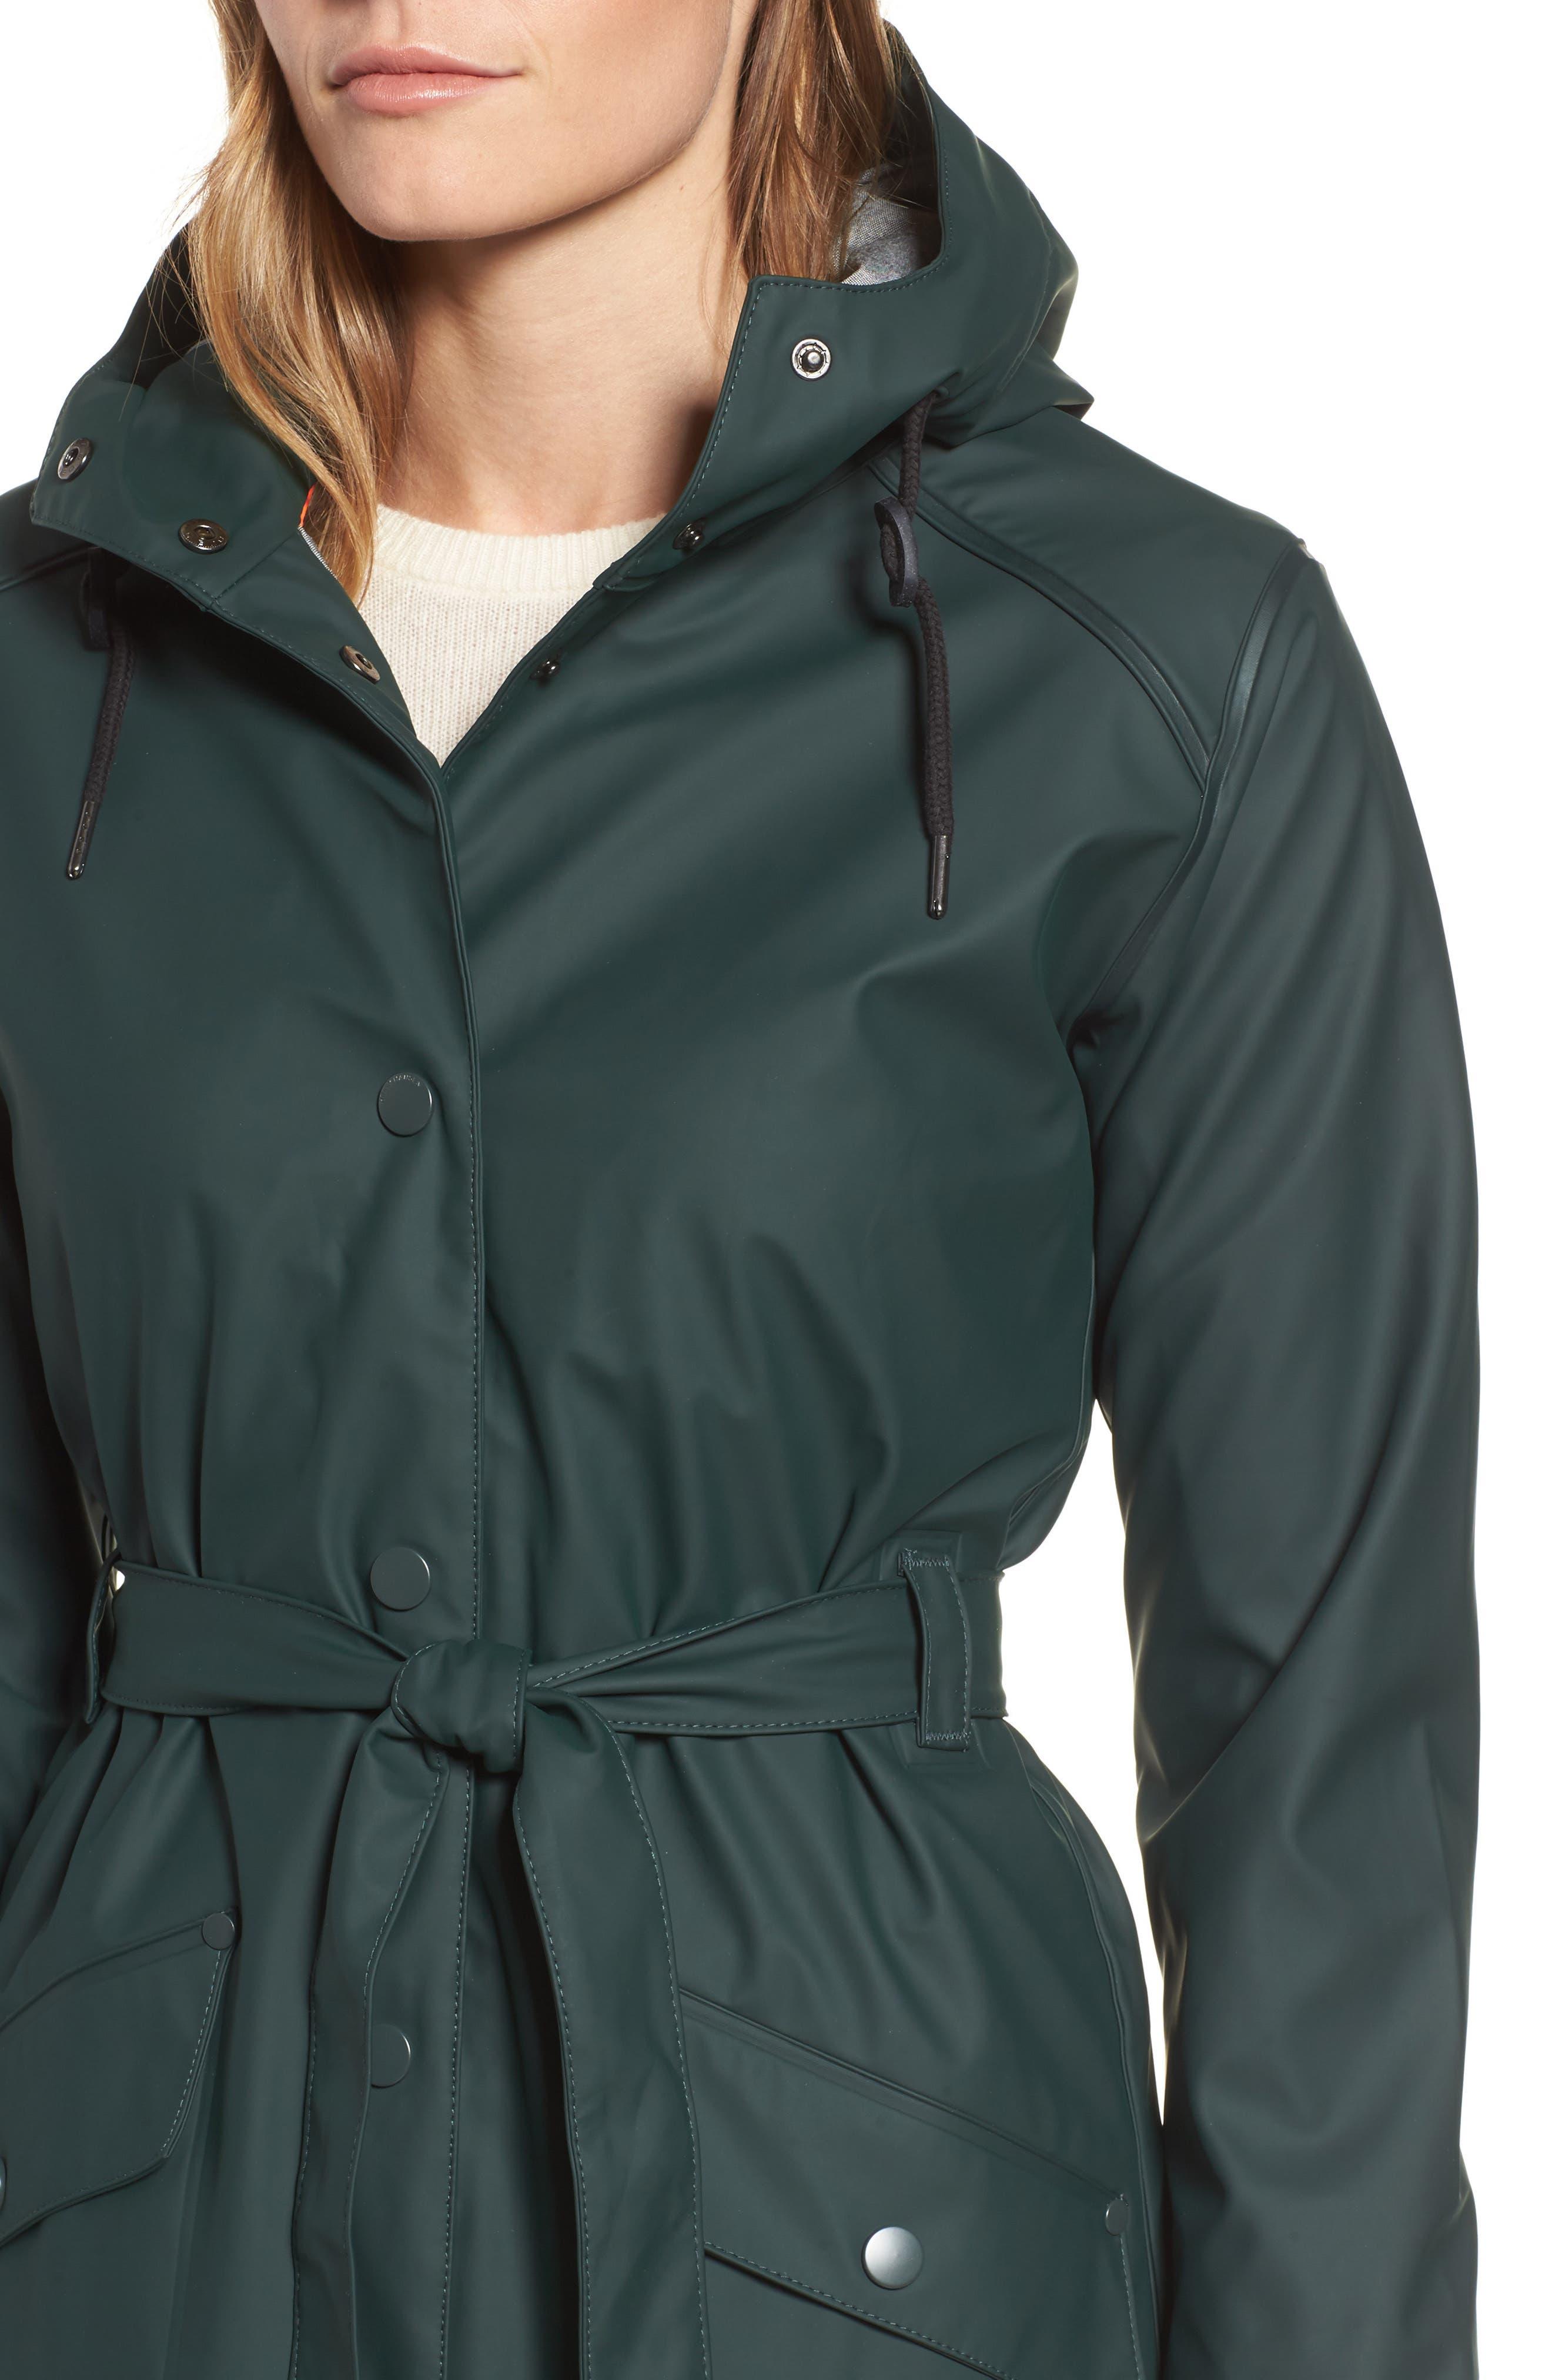 Kirkwall Raincoat,                             Alternate thumbnail 4, color,                             Darkest Spruce